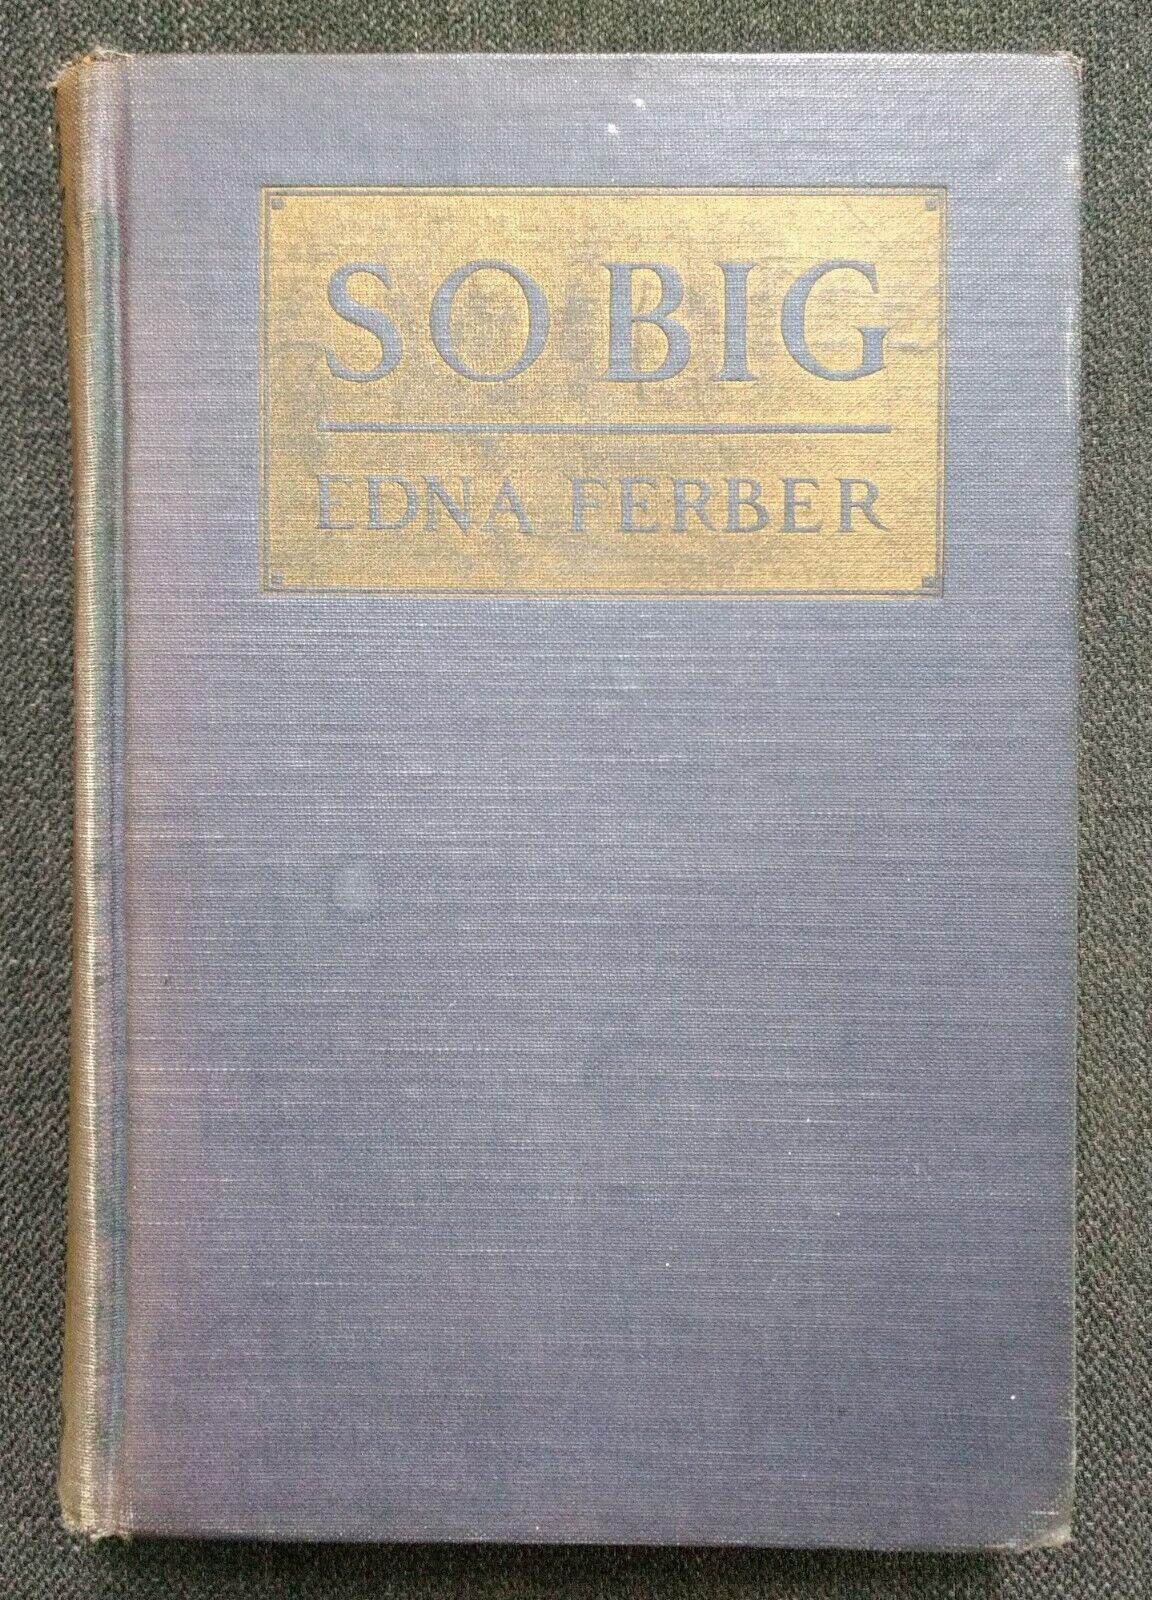 viaLibri ~ Rare Books from 1924 - Page 15